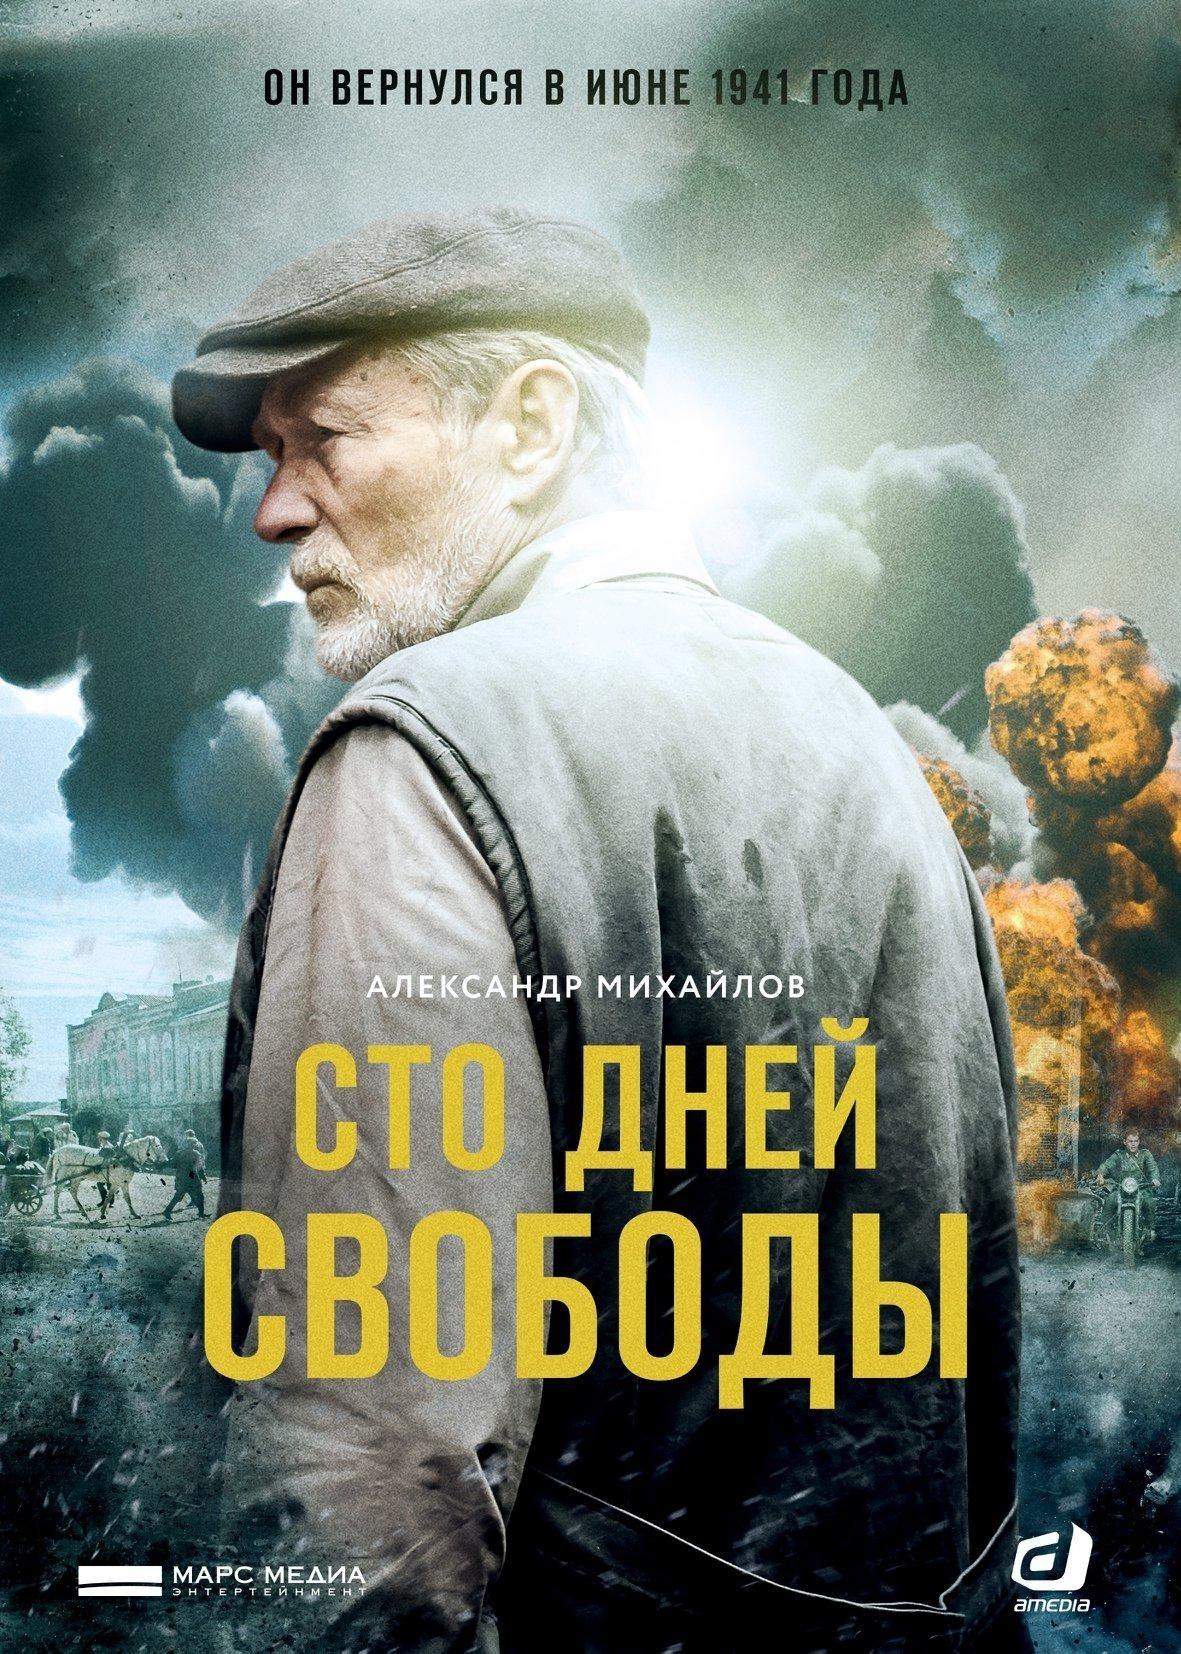 Драма «Cтo днeй cвoбoды» (2020) 1-4 серия из 4 HD